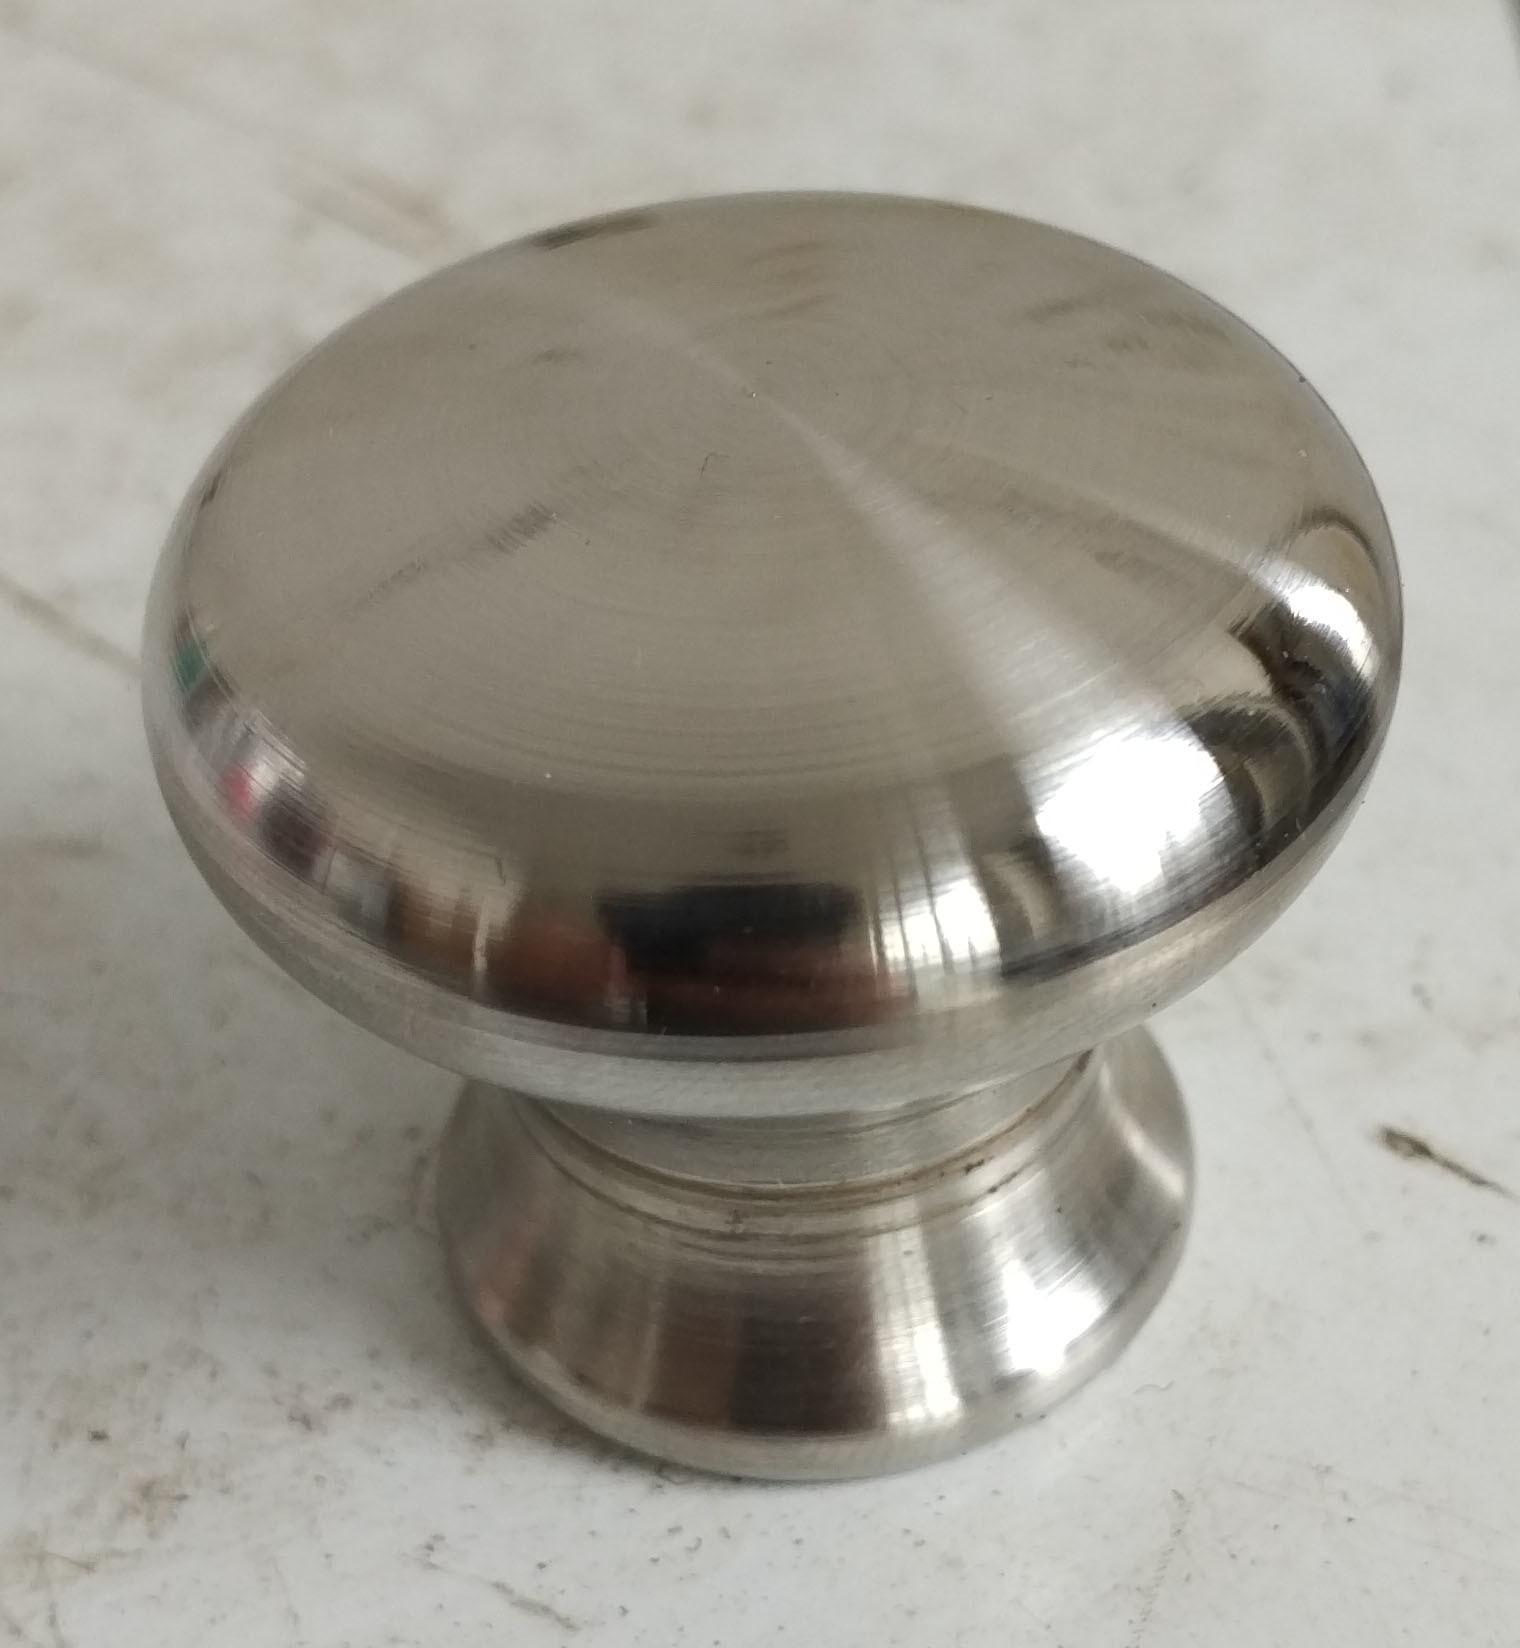 Modern Stainelss Steel Cabinet Knob Rk15